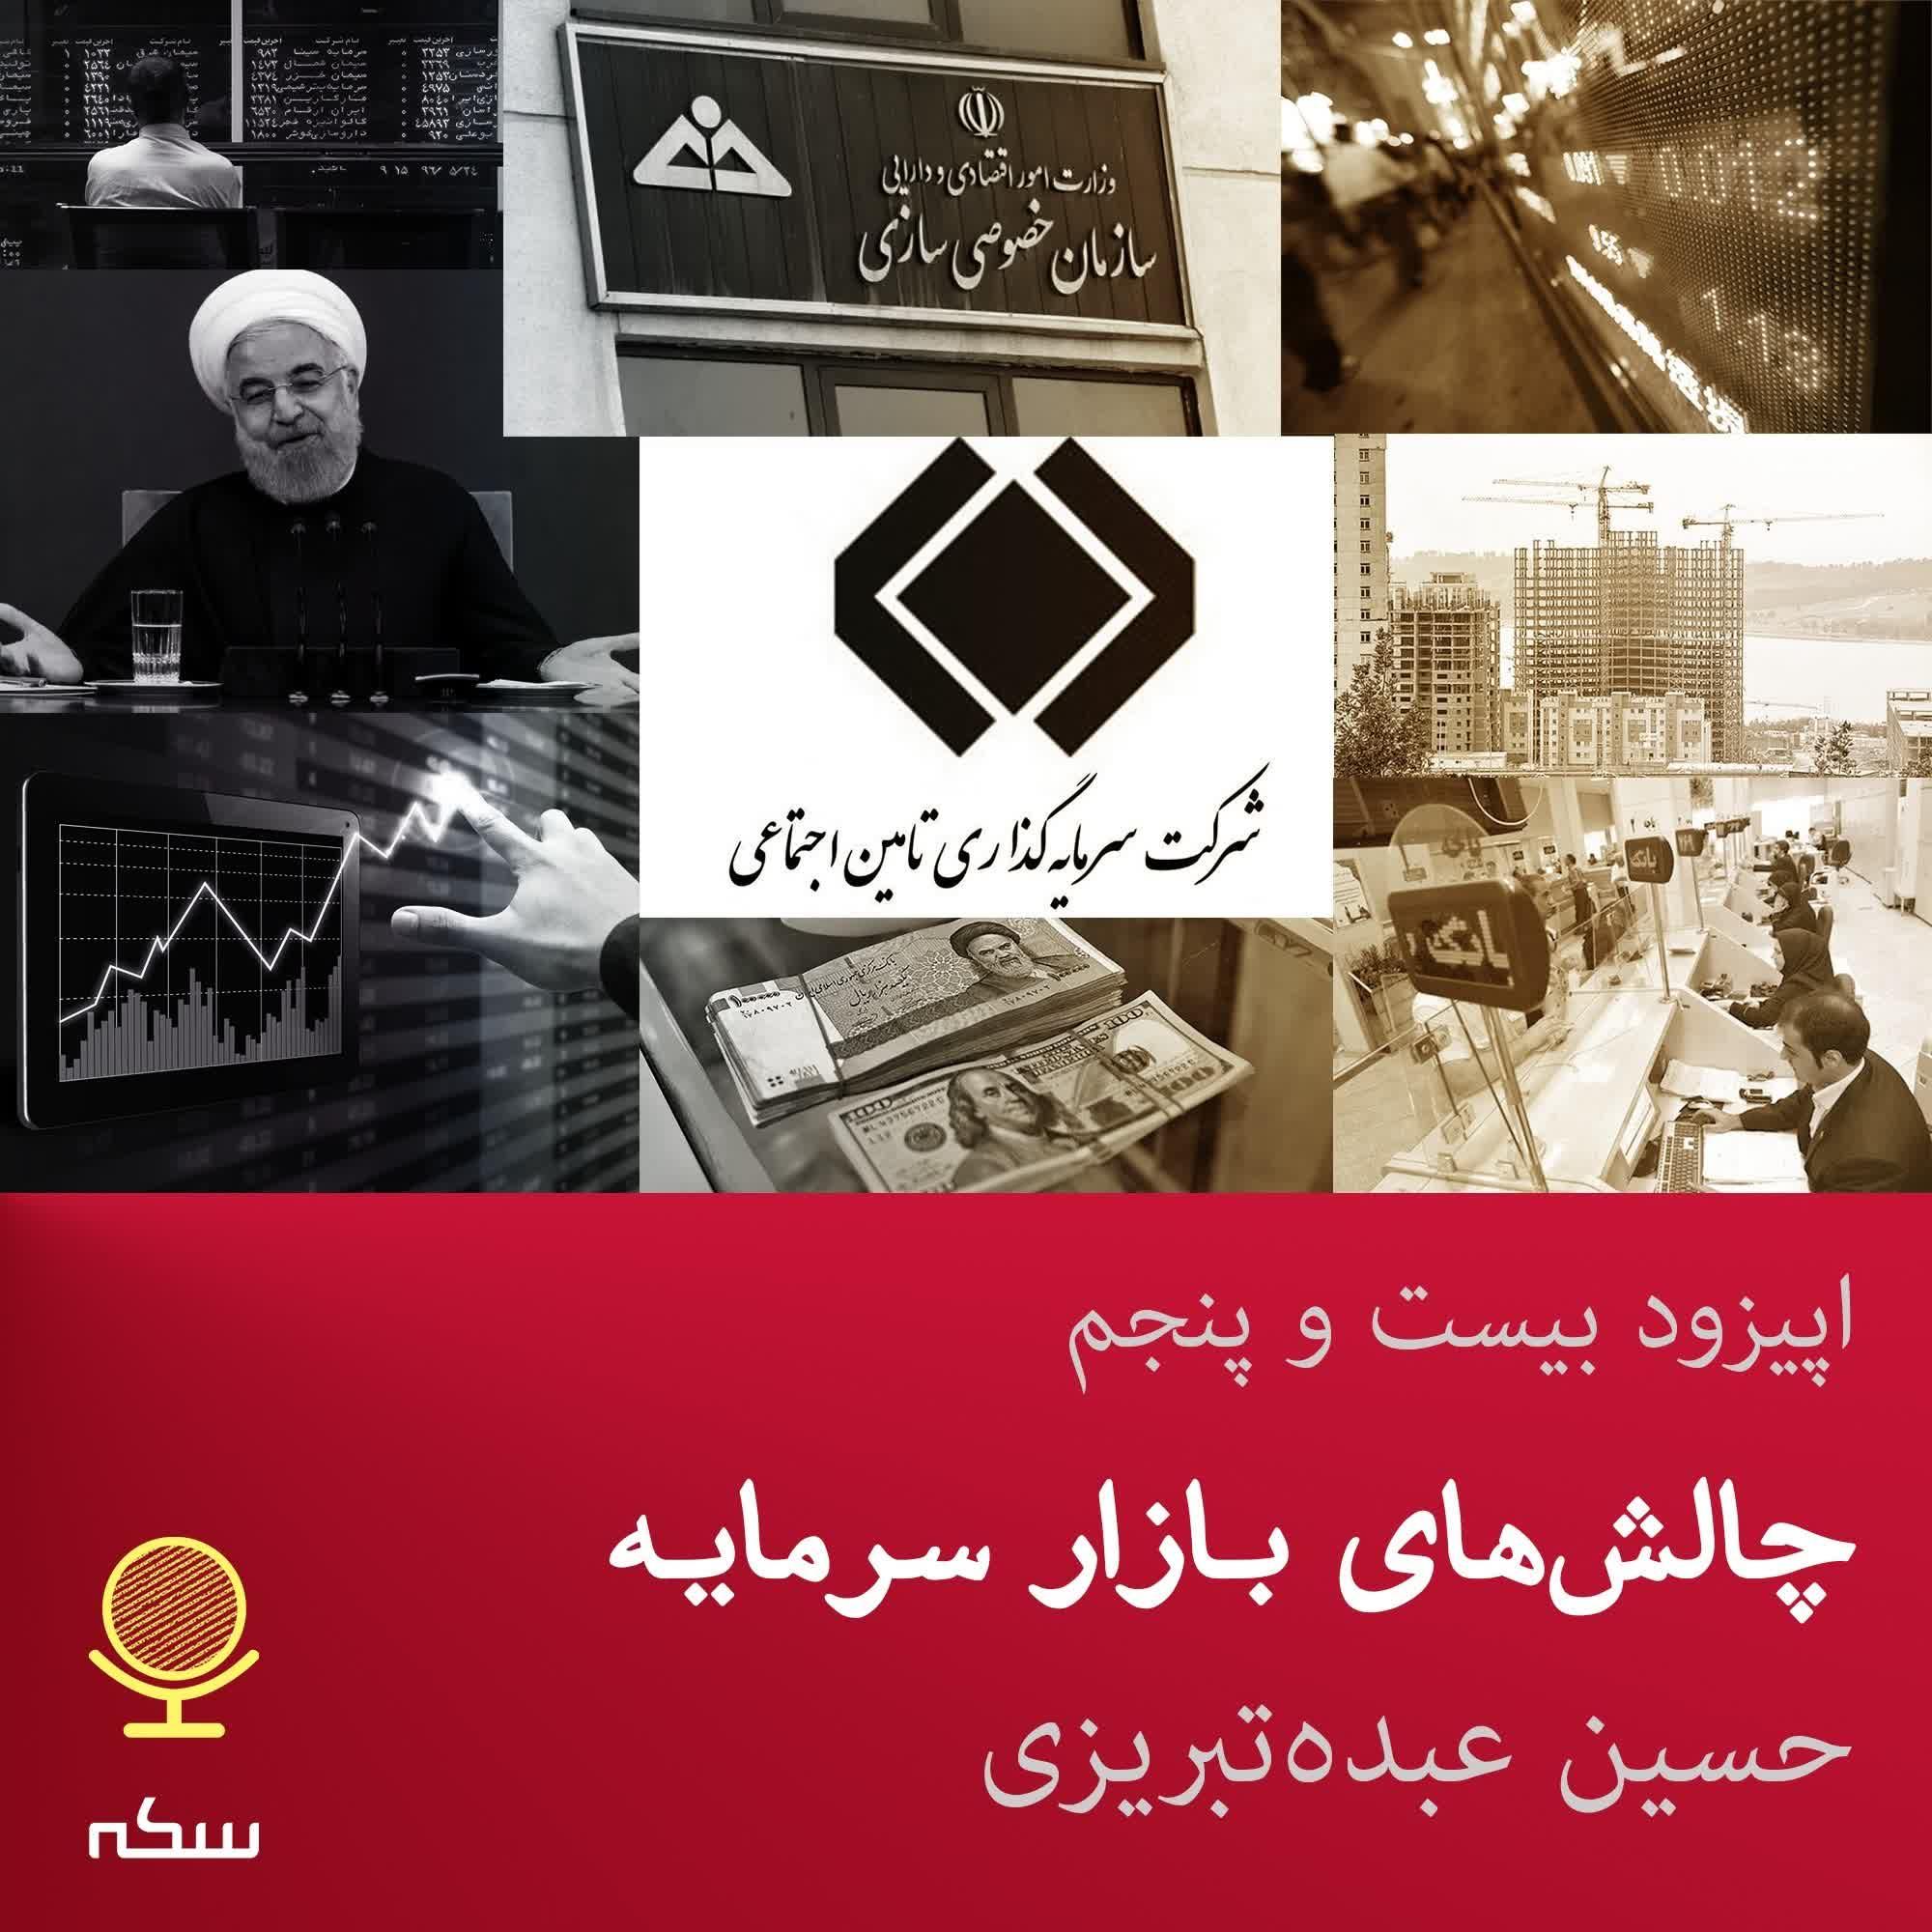 مروری بر فرصتها و چالشهای بازار سرمایه ایران